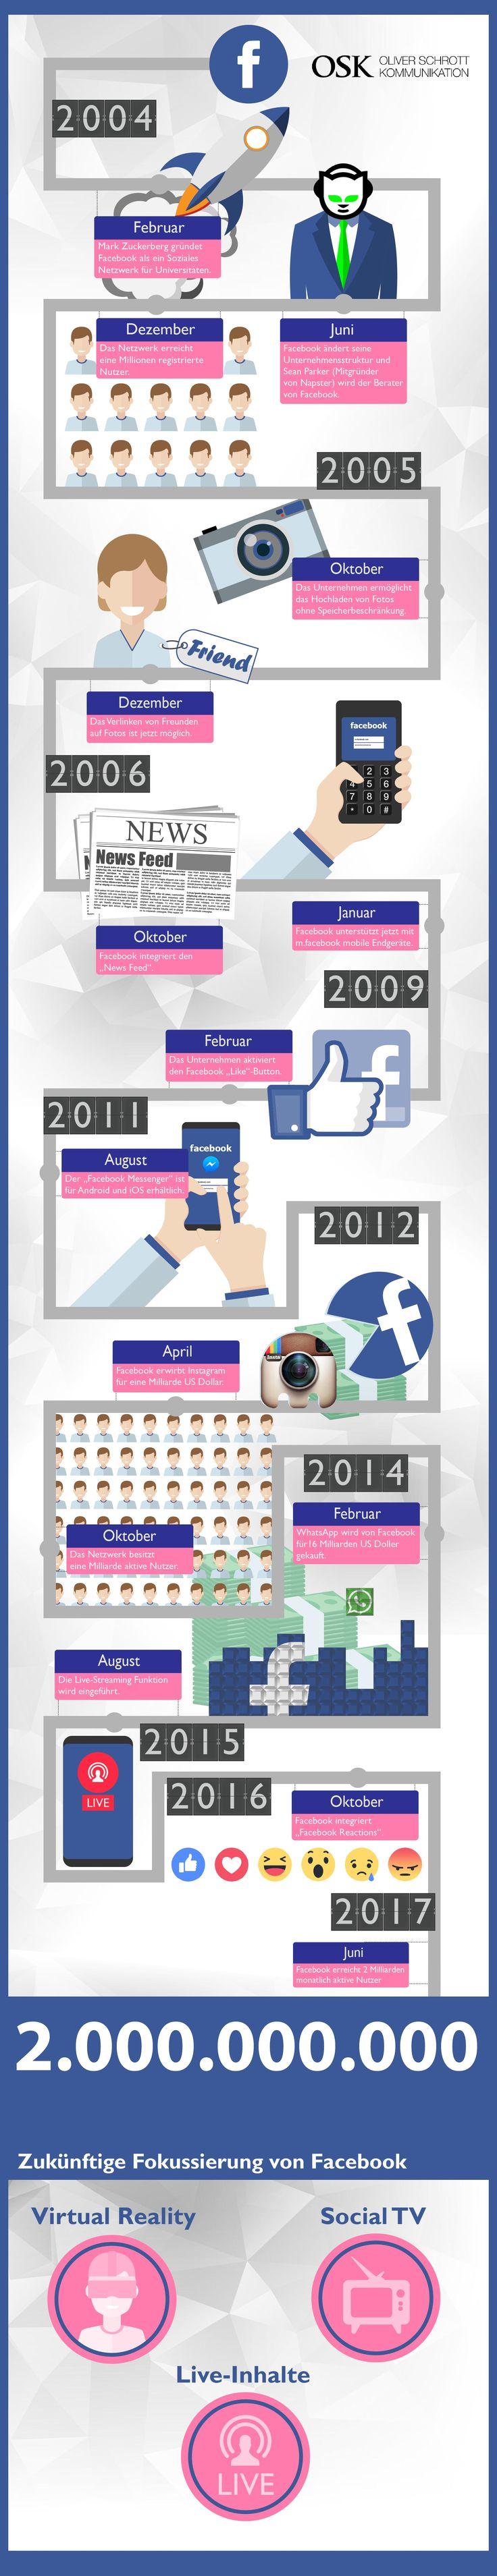 Facebook-Überblick - die Geschichte des Netzwerks in einer Infografik